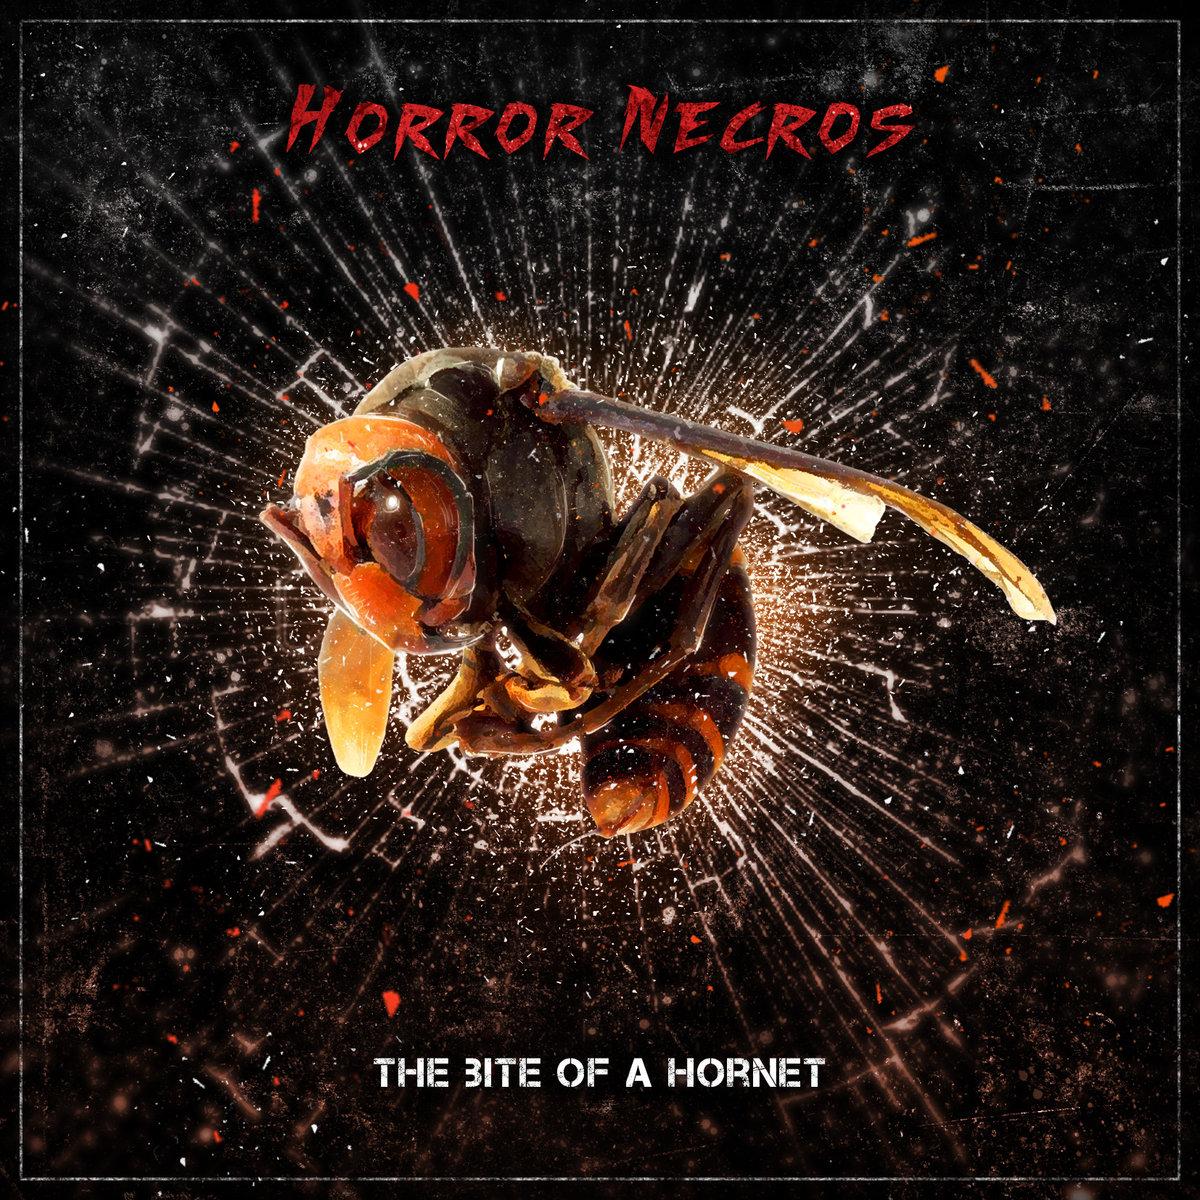 HORROR NECROS'The Bite of A Hornet' CD.